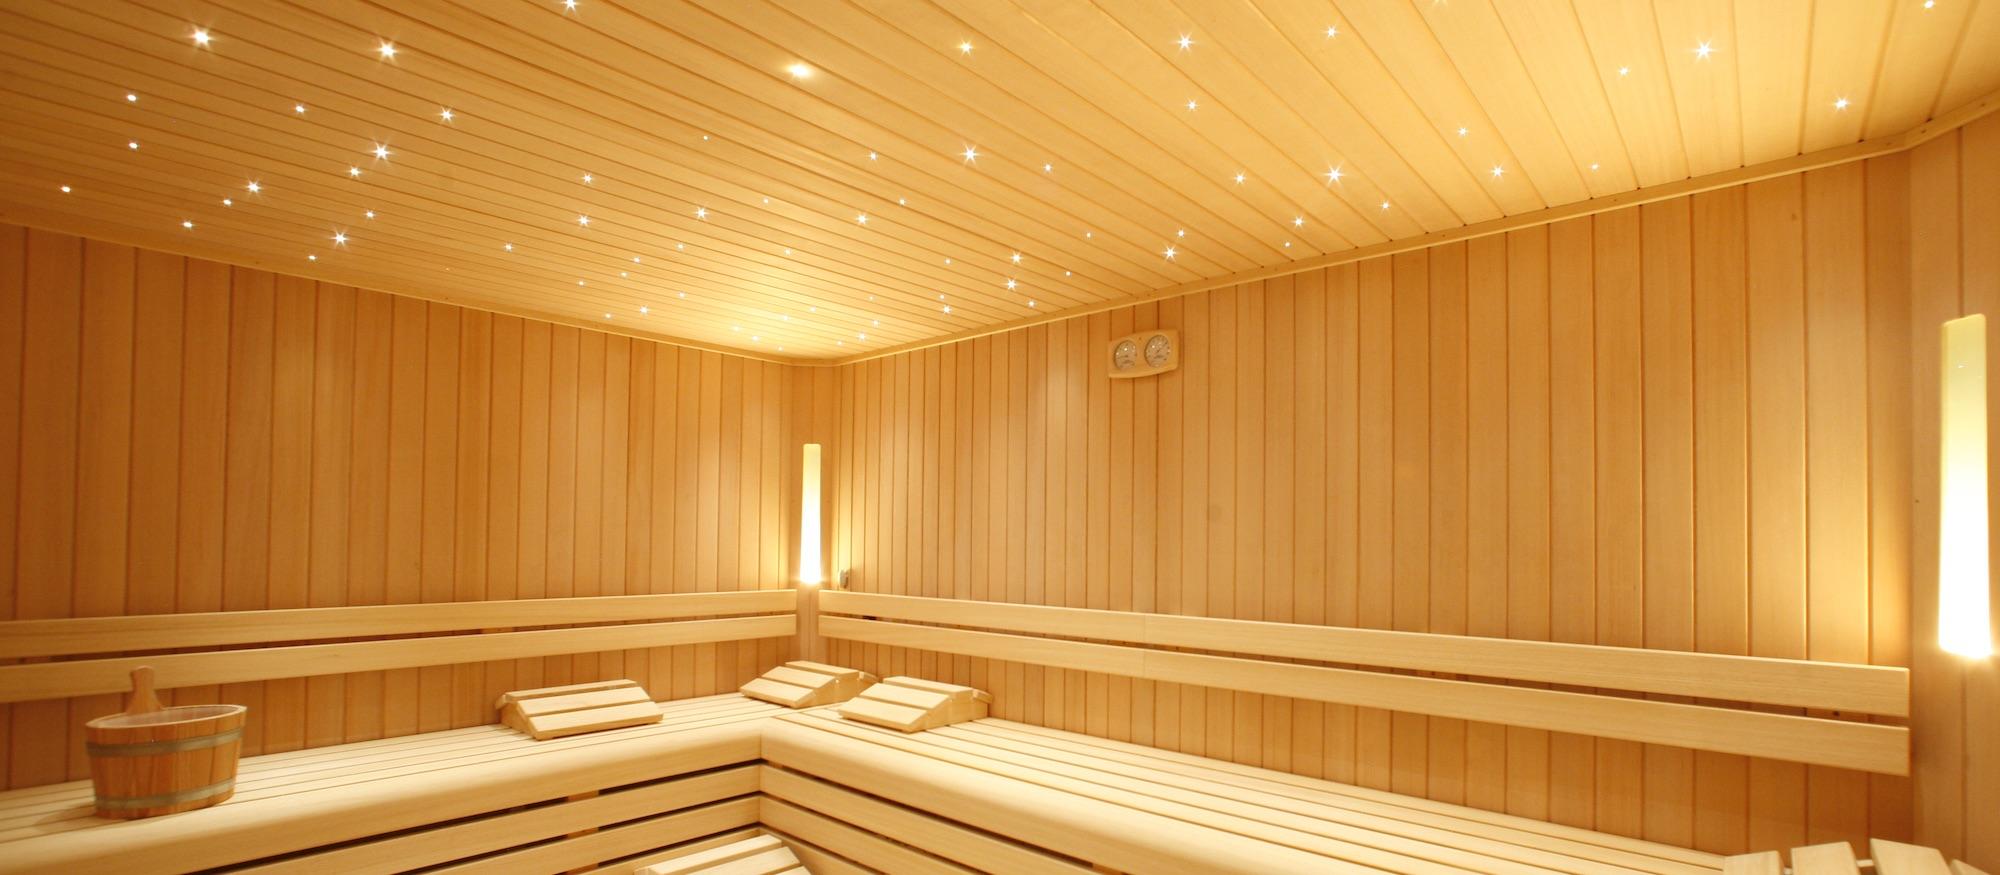 Art Temperatura Sauna